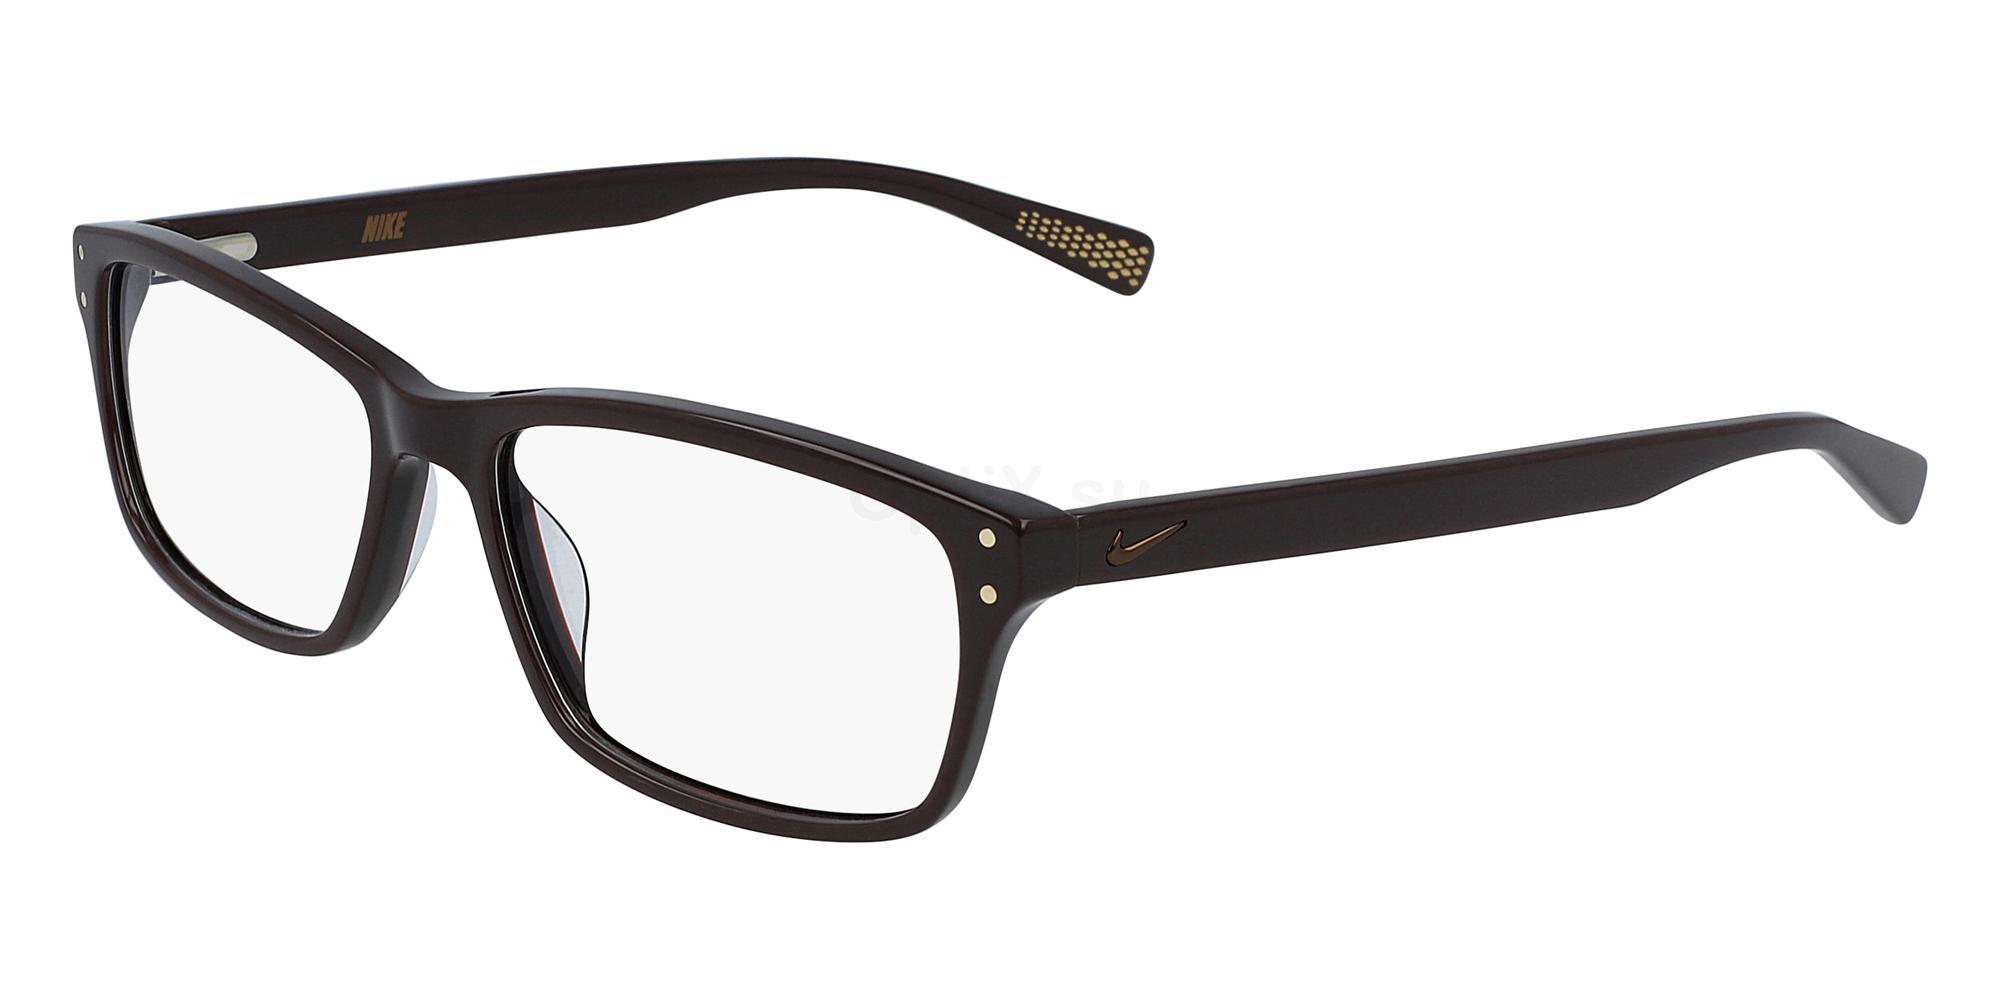 243 NIKE 7245 Glasses, Nike